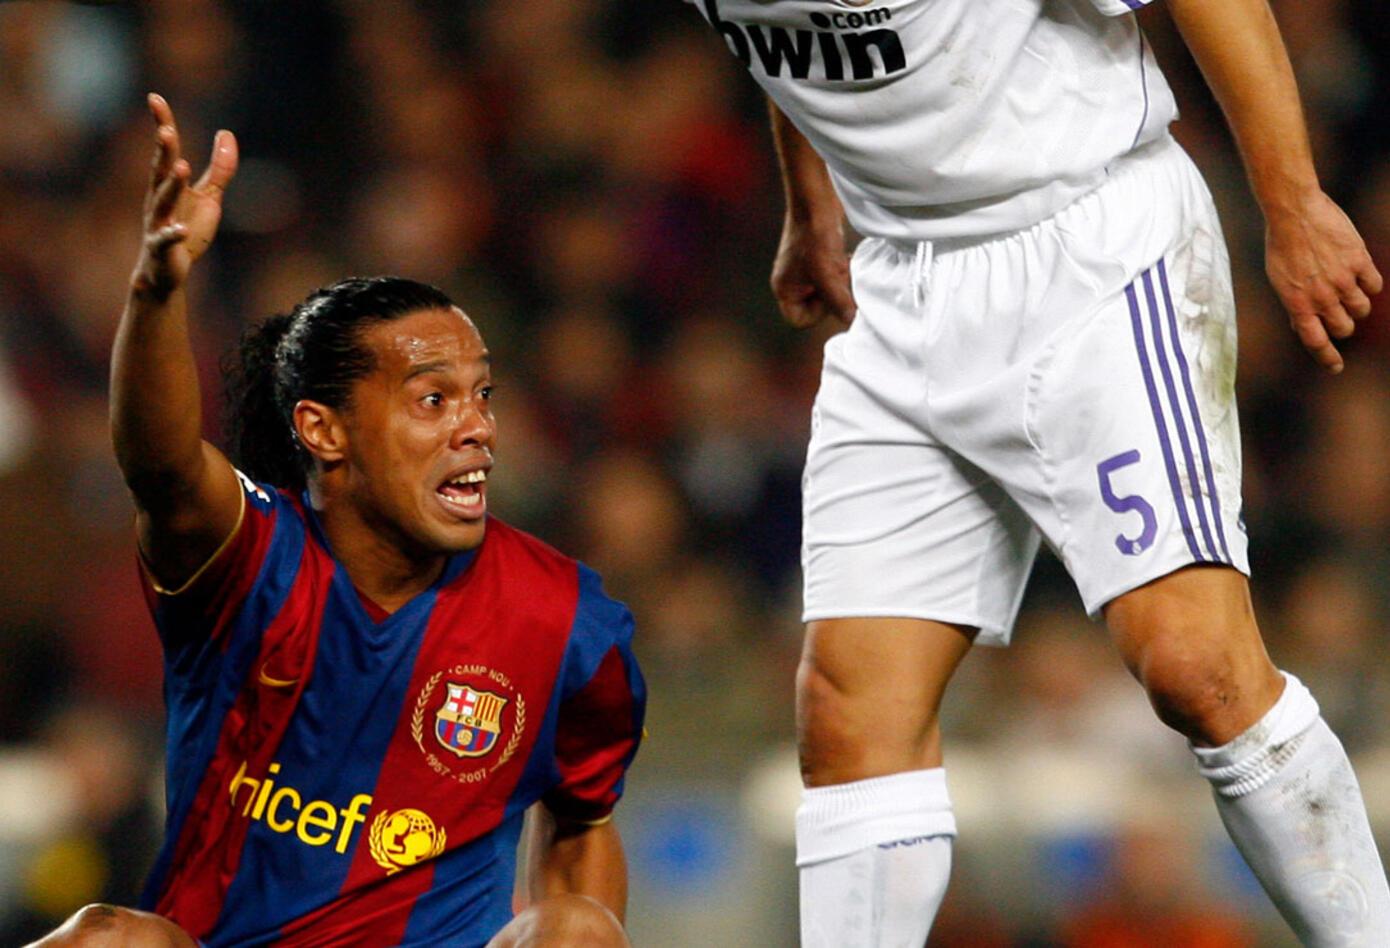 La temporada 2007-2008 sería la última de Ronaldinho como jugador del Barcelona